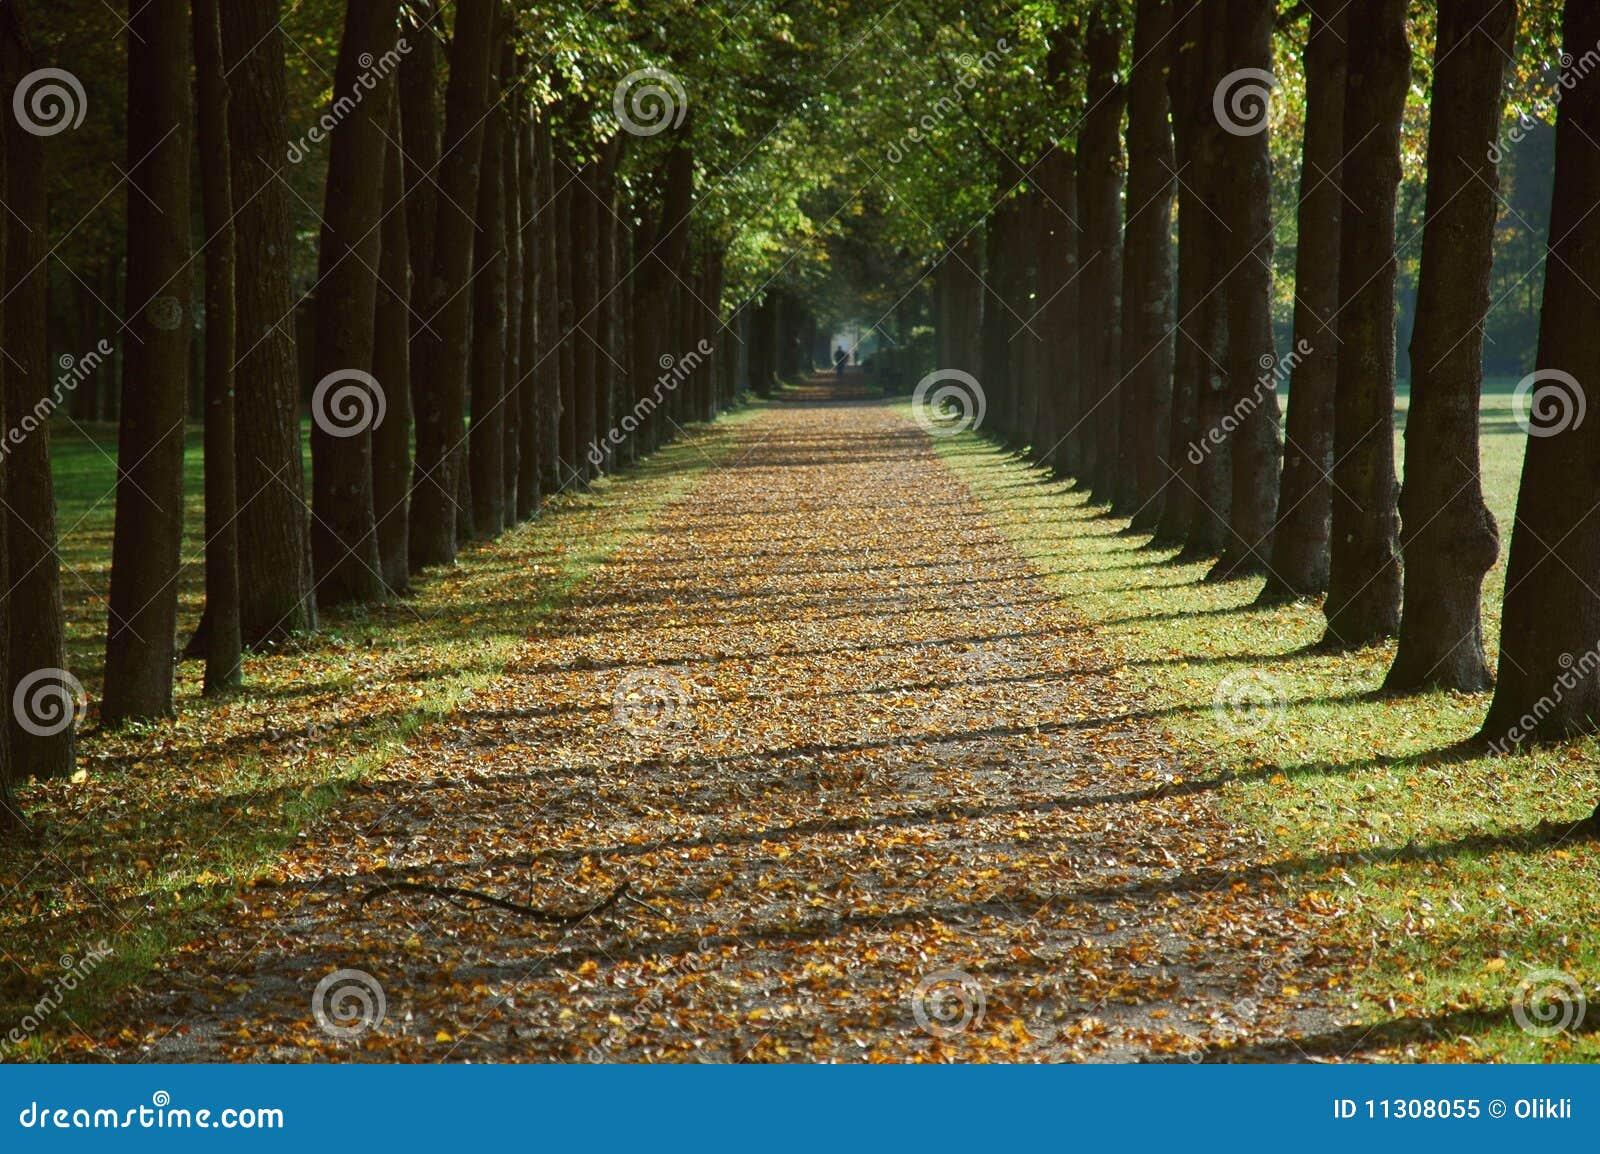 Allee in einem Park im Herbst